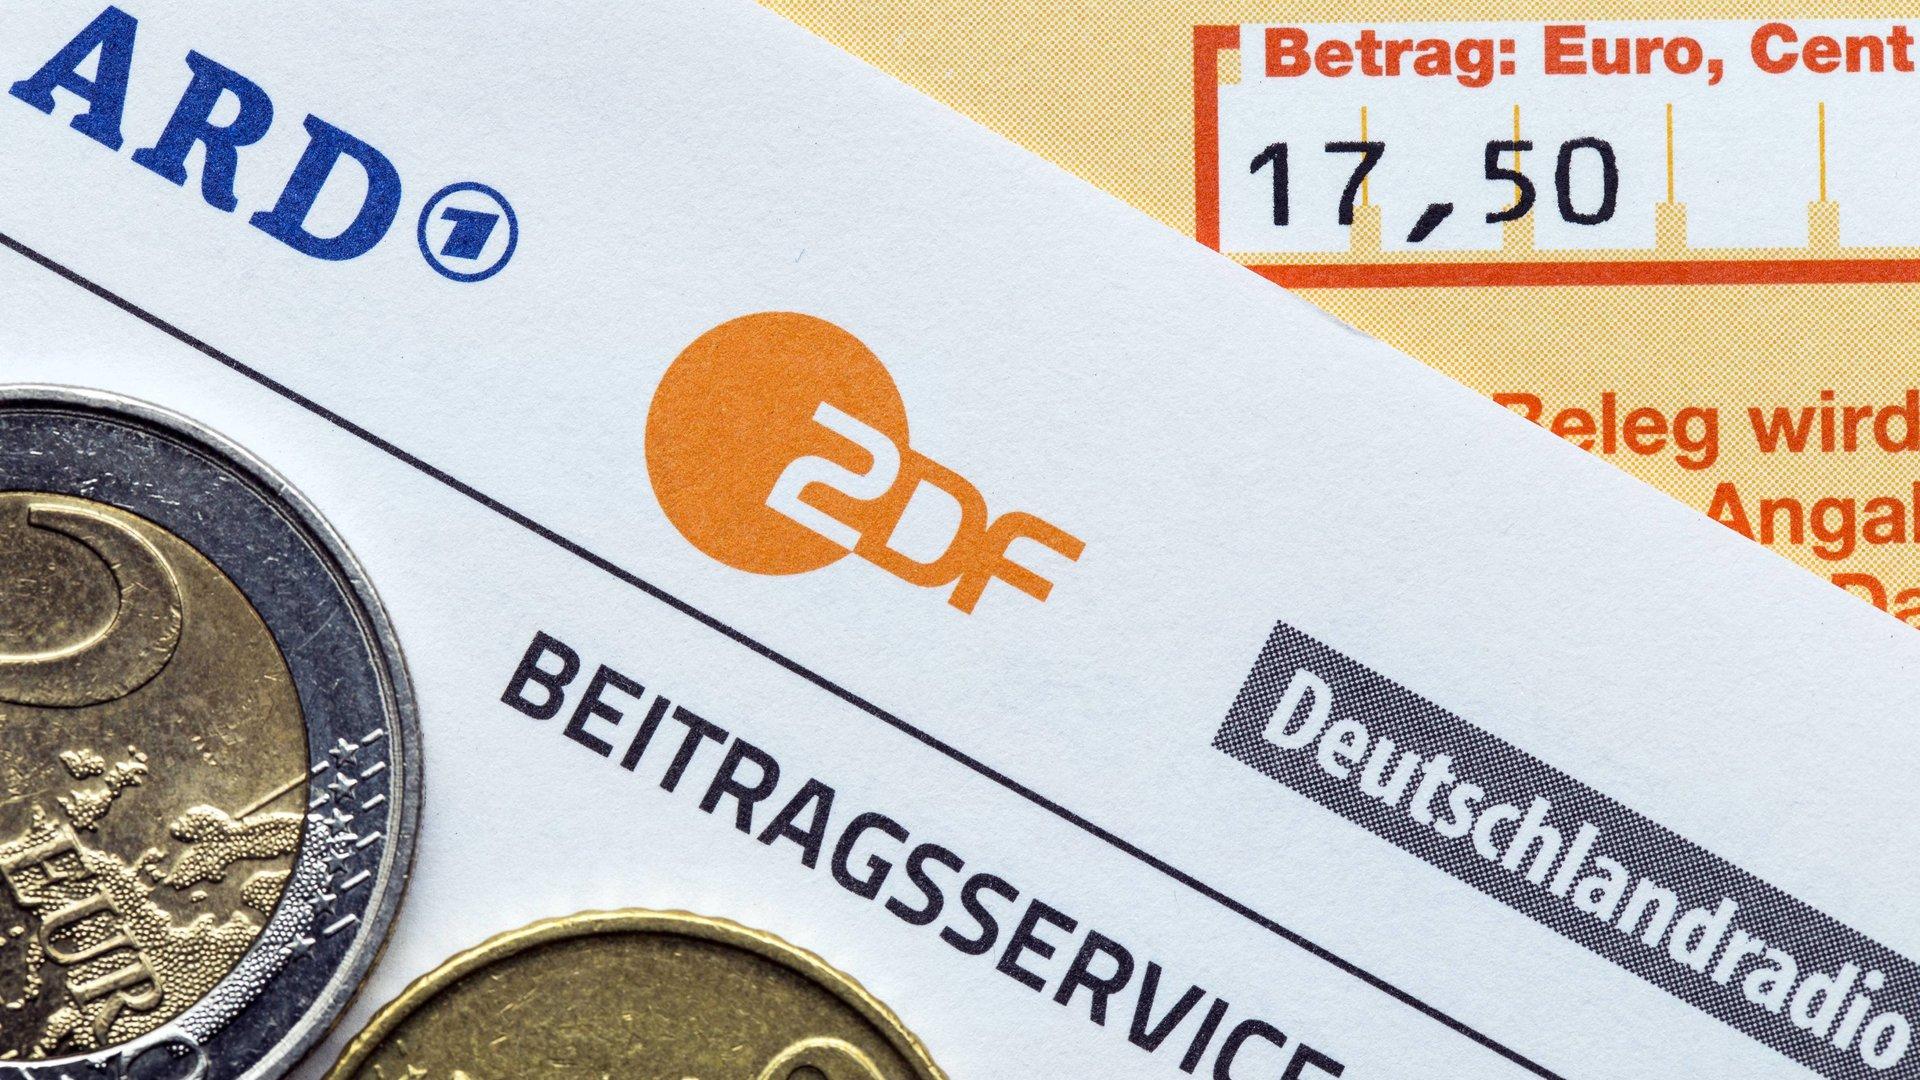 GEZ-Gebühren: Beitragserhöhung vorerst gescheitert · KINO.de